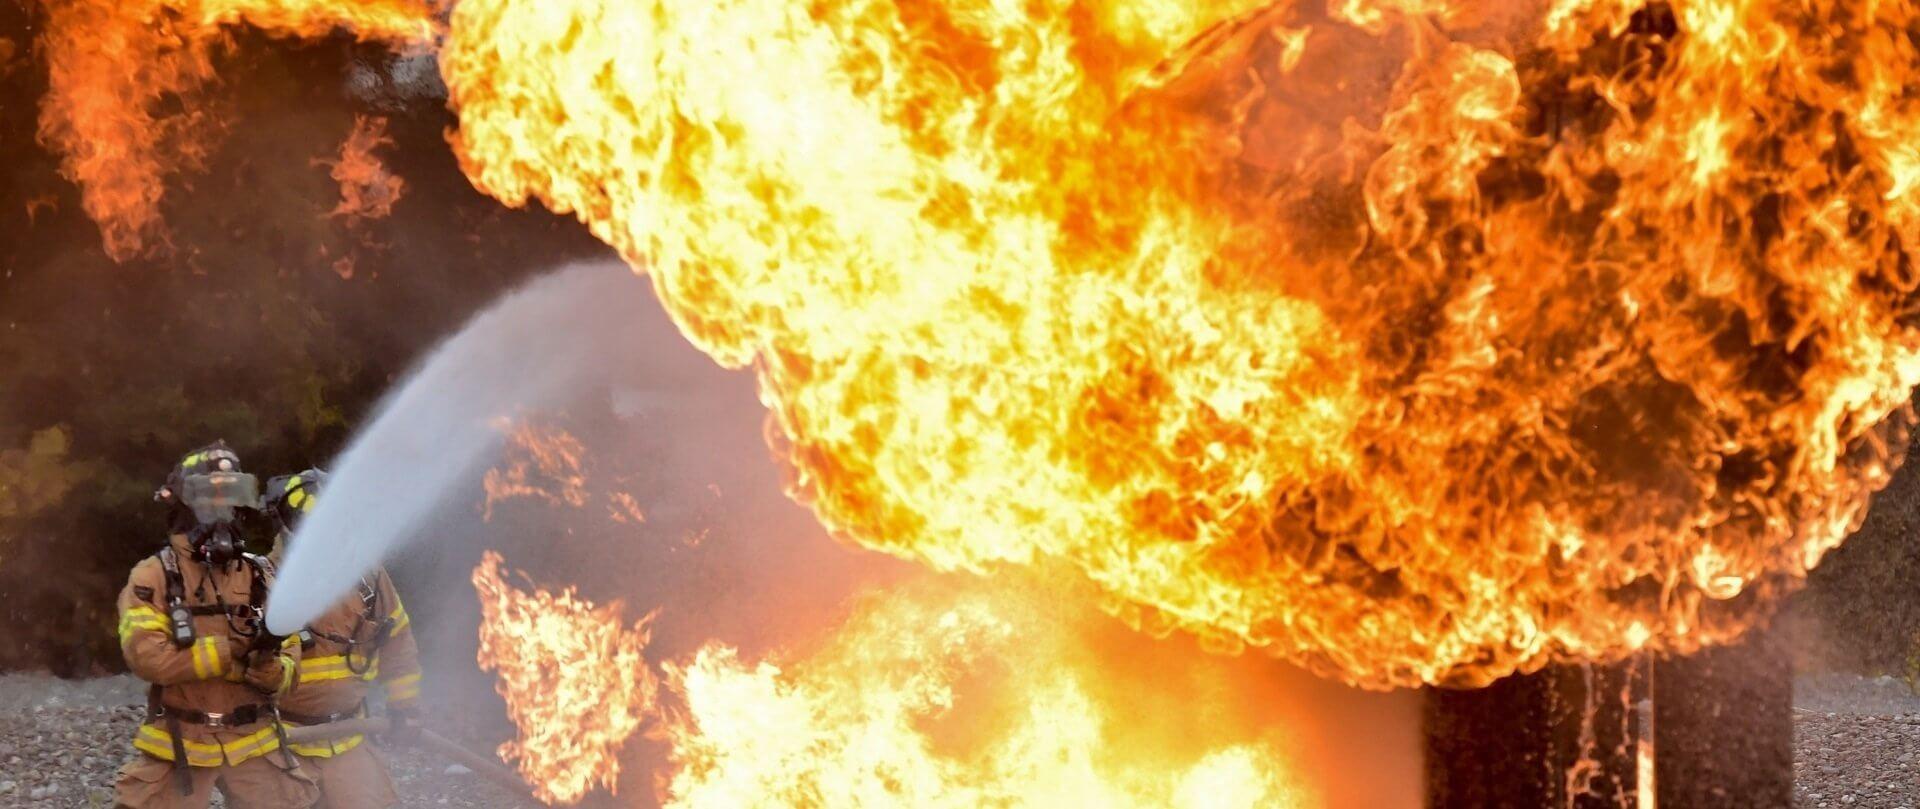 2 Feuerwehrmänner löschen einen großen Brand